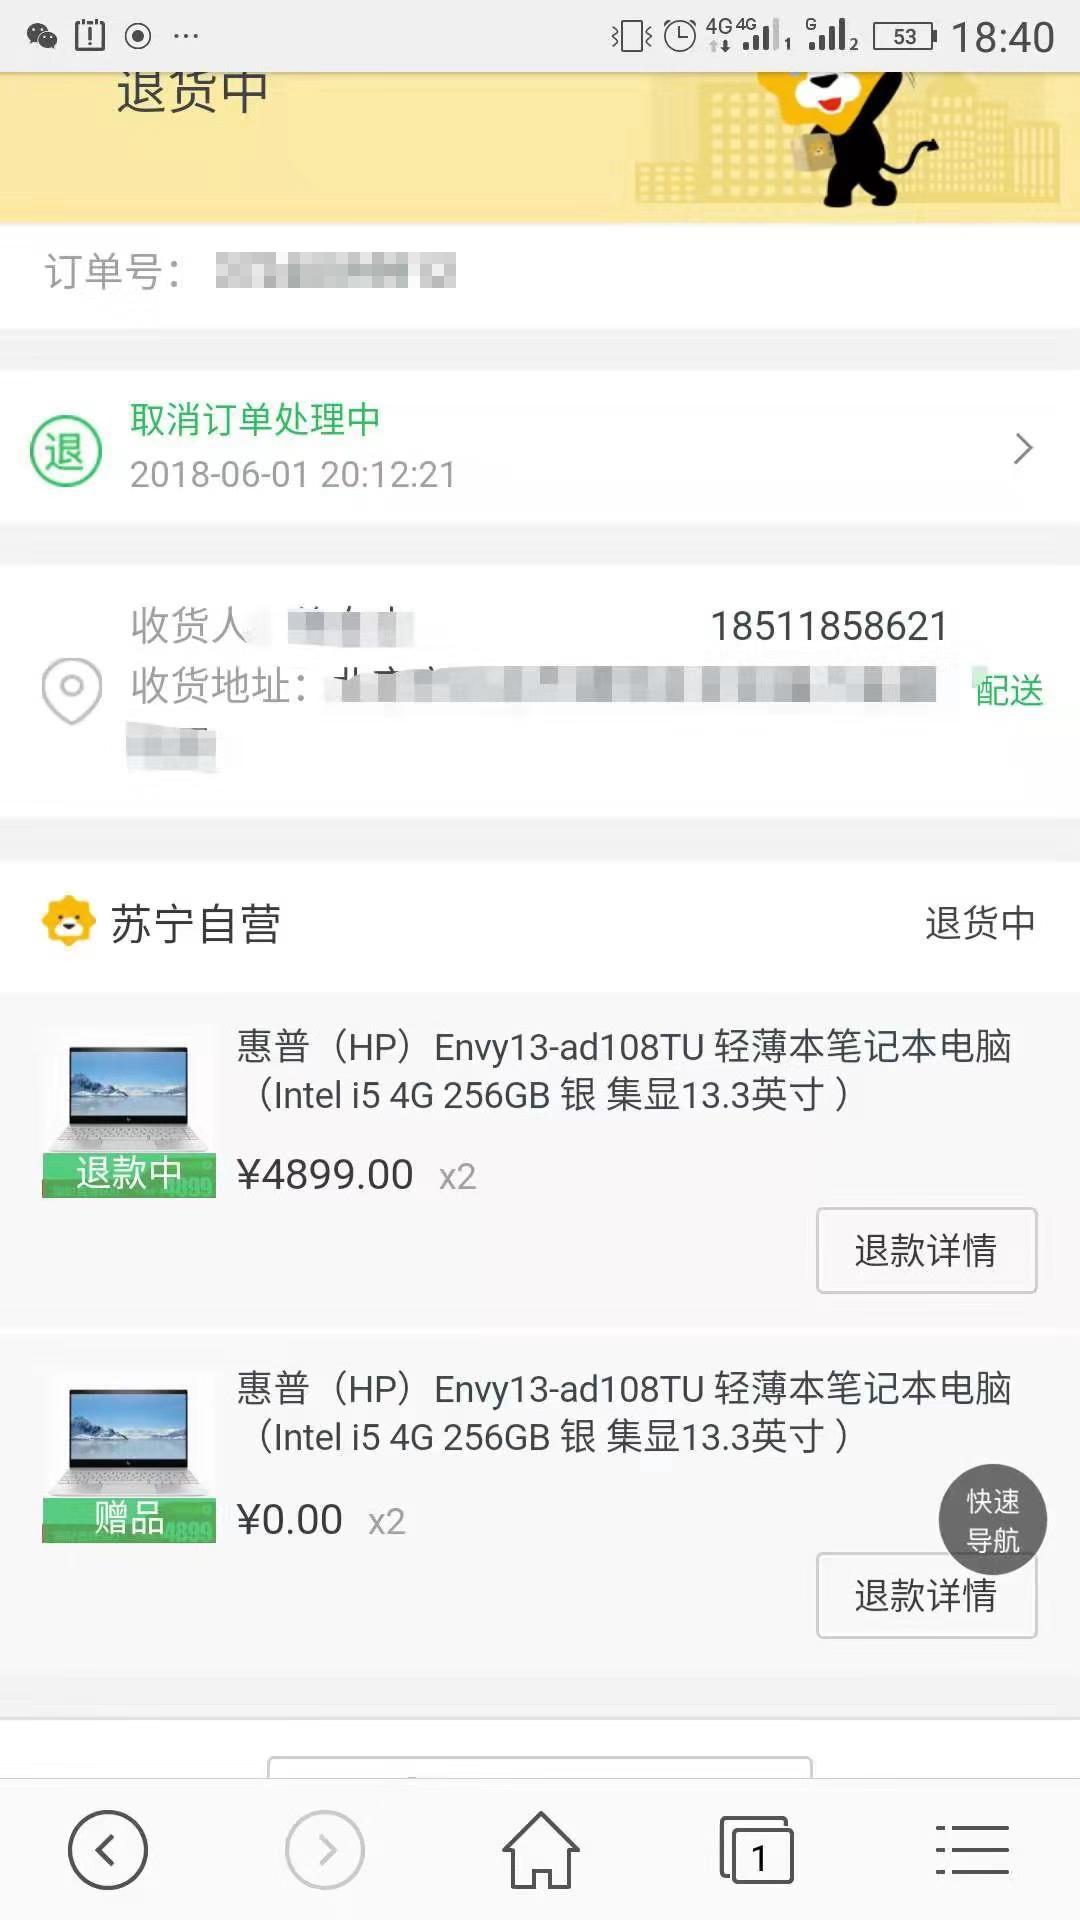 刘先生下的订单,显示赠送2台同款笔记本电脑 受访者供图